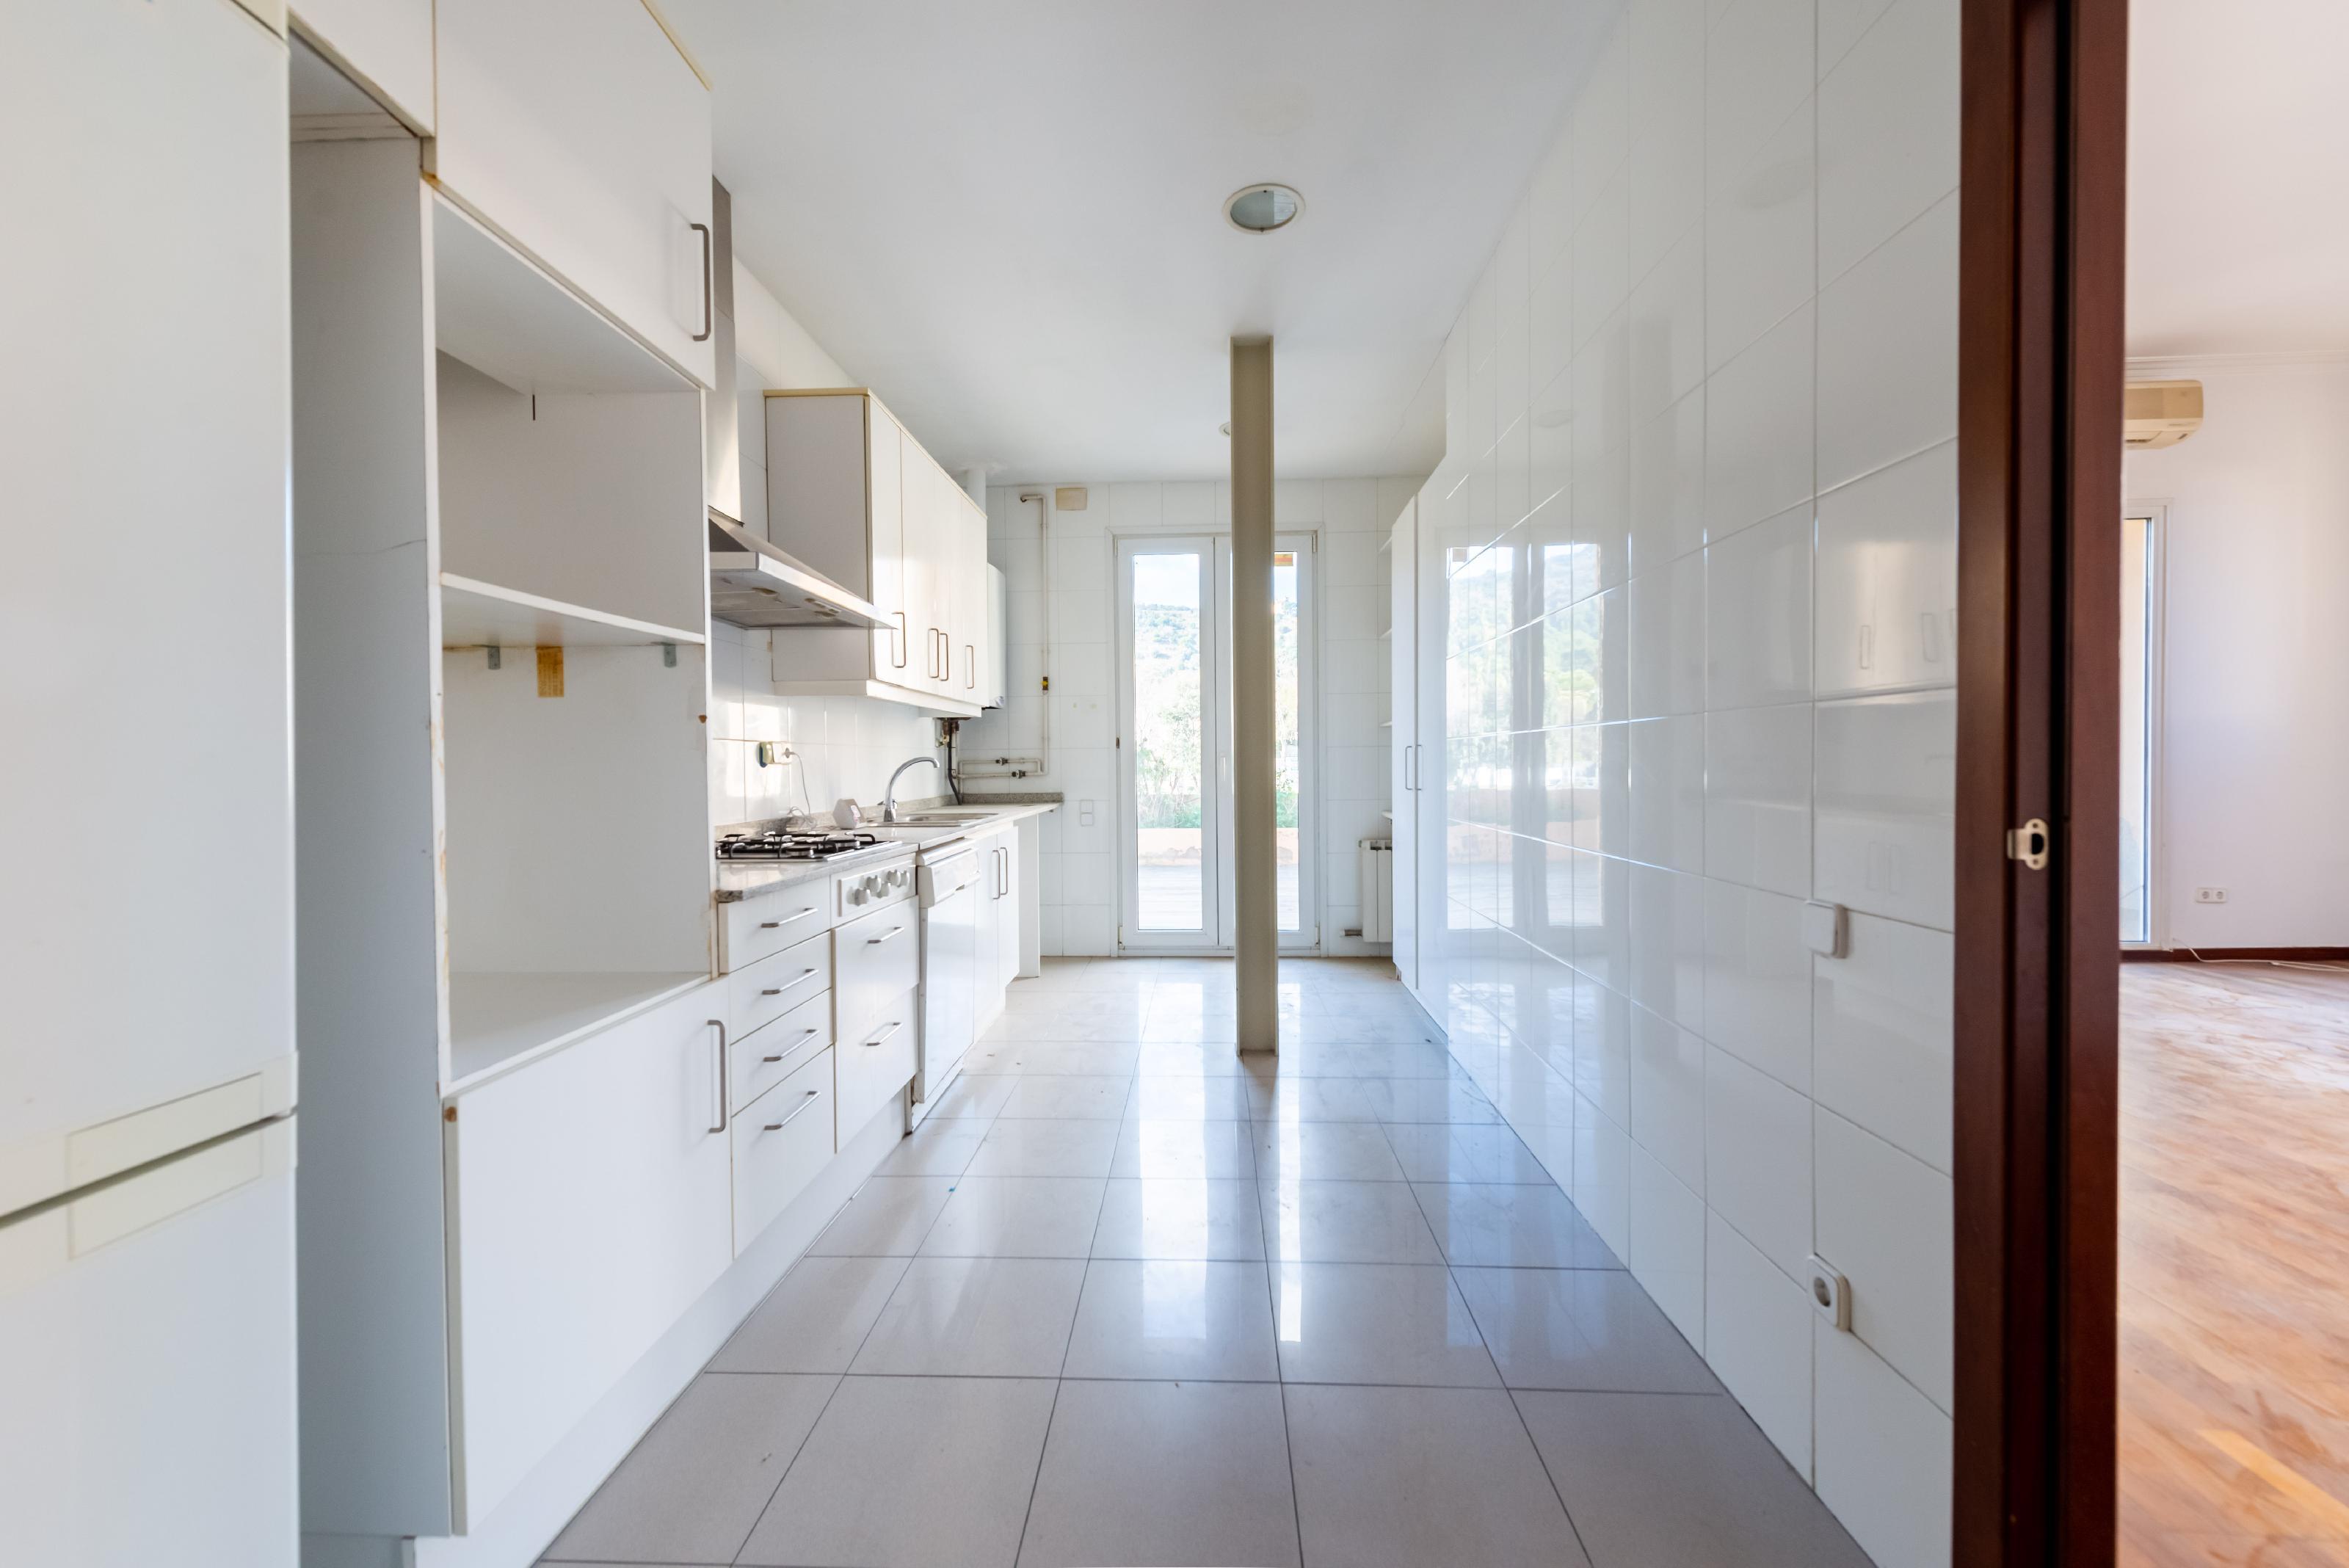 246020 Flat for sale in Sarrià-Sant Gervasi, Sarrià 6